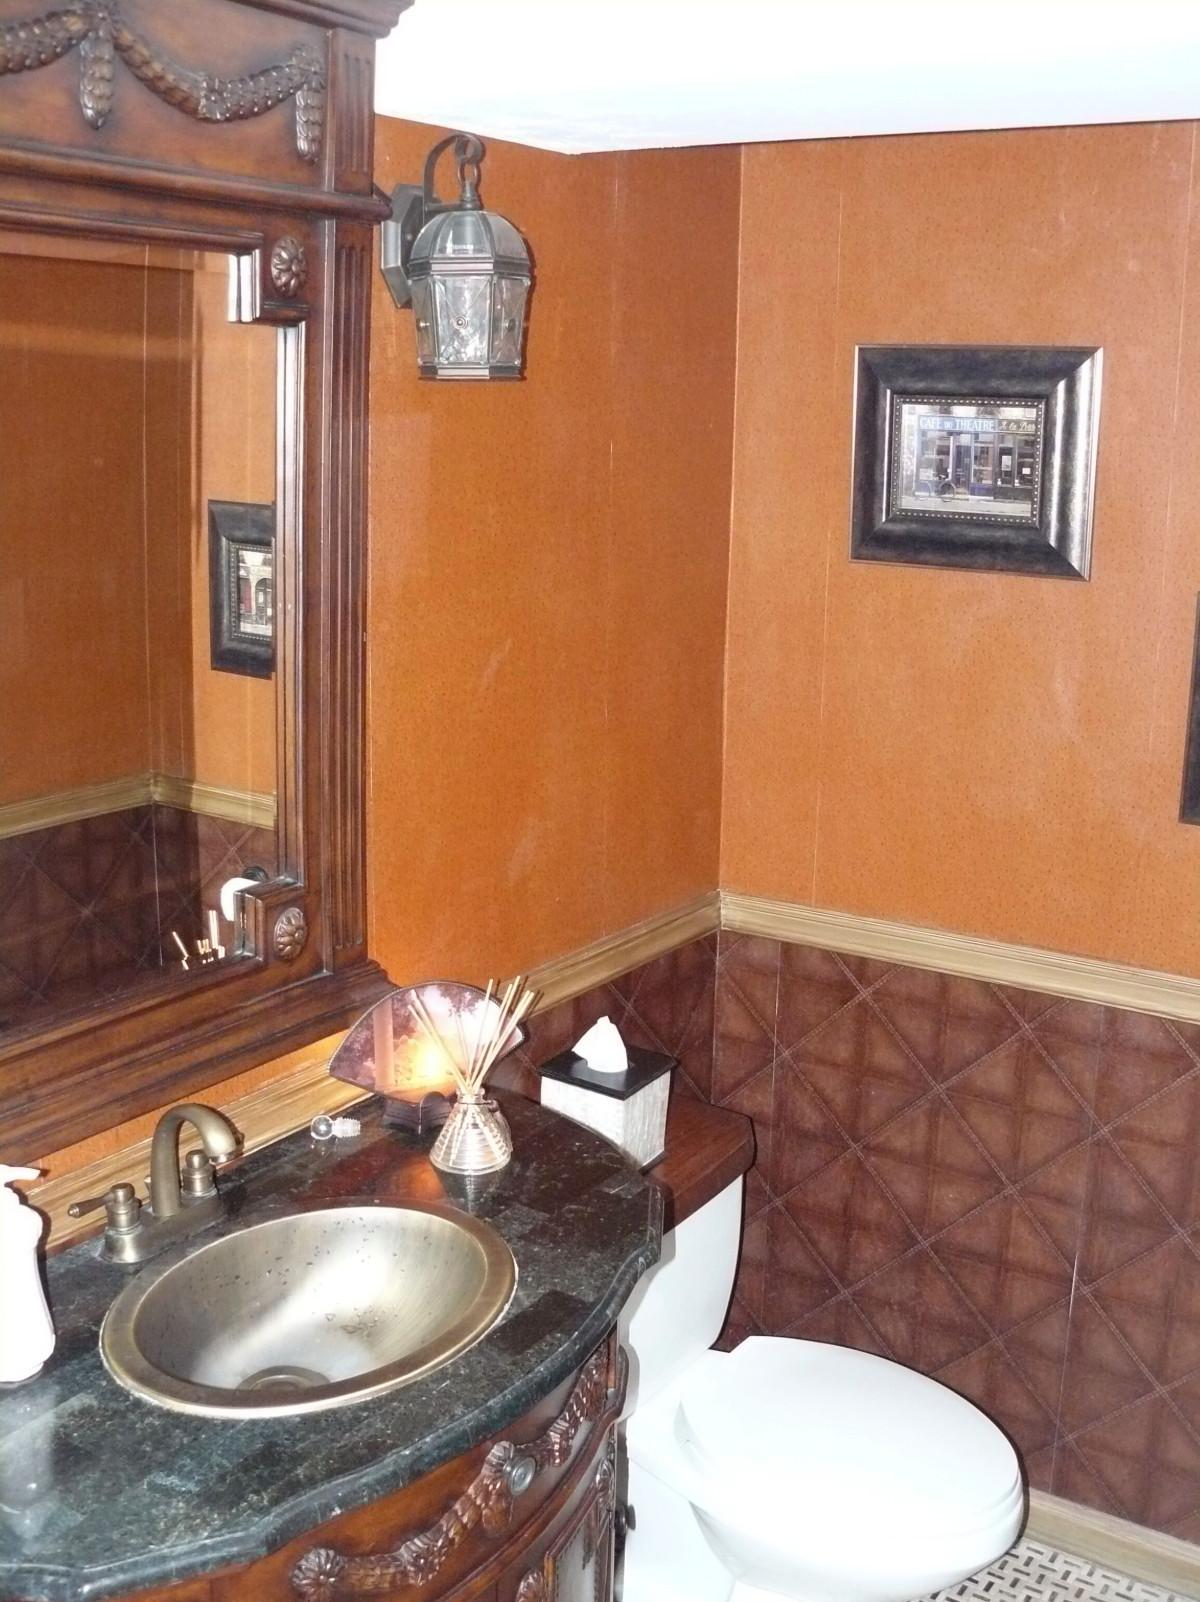 Kitchen and Bath Upgrades